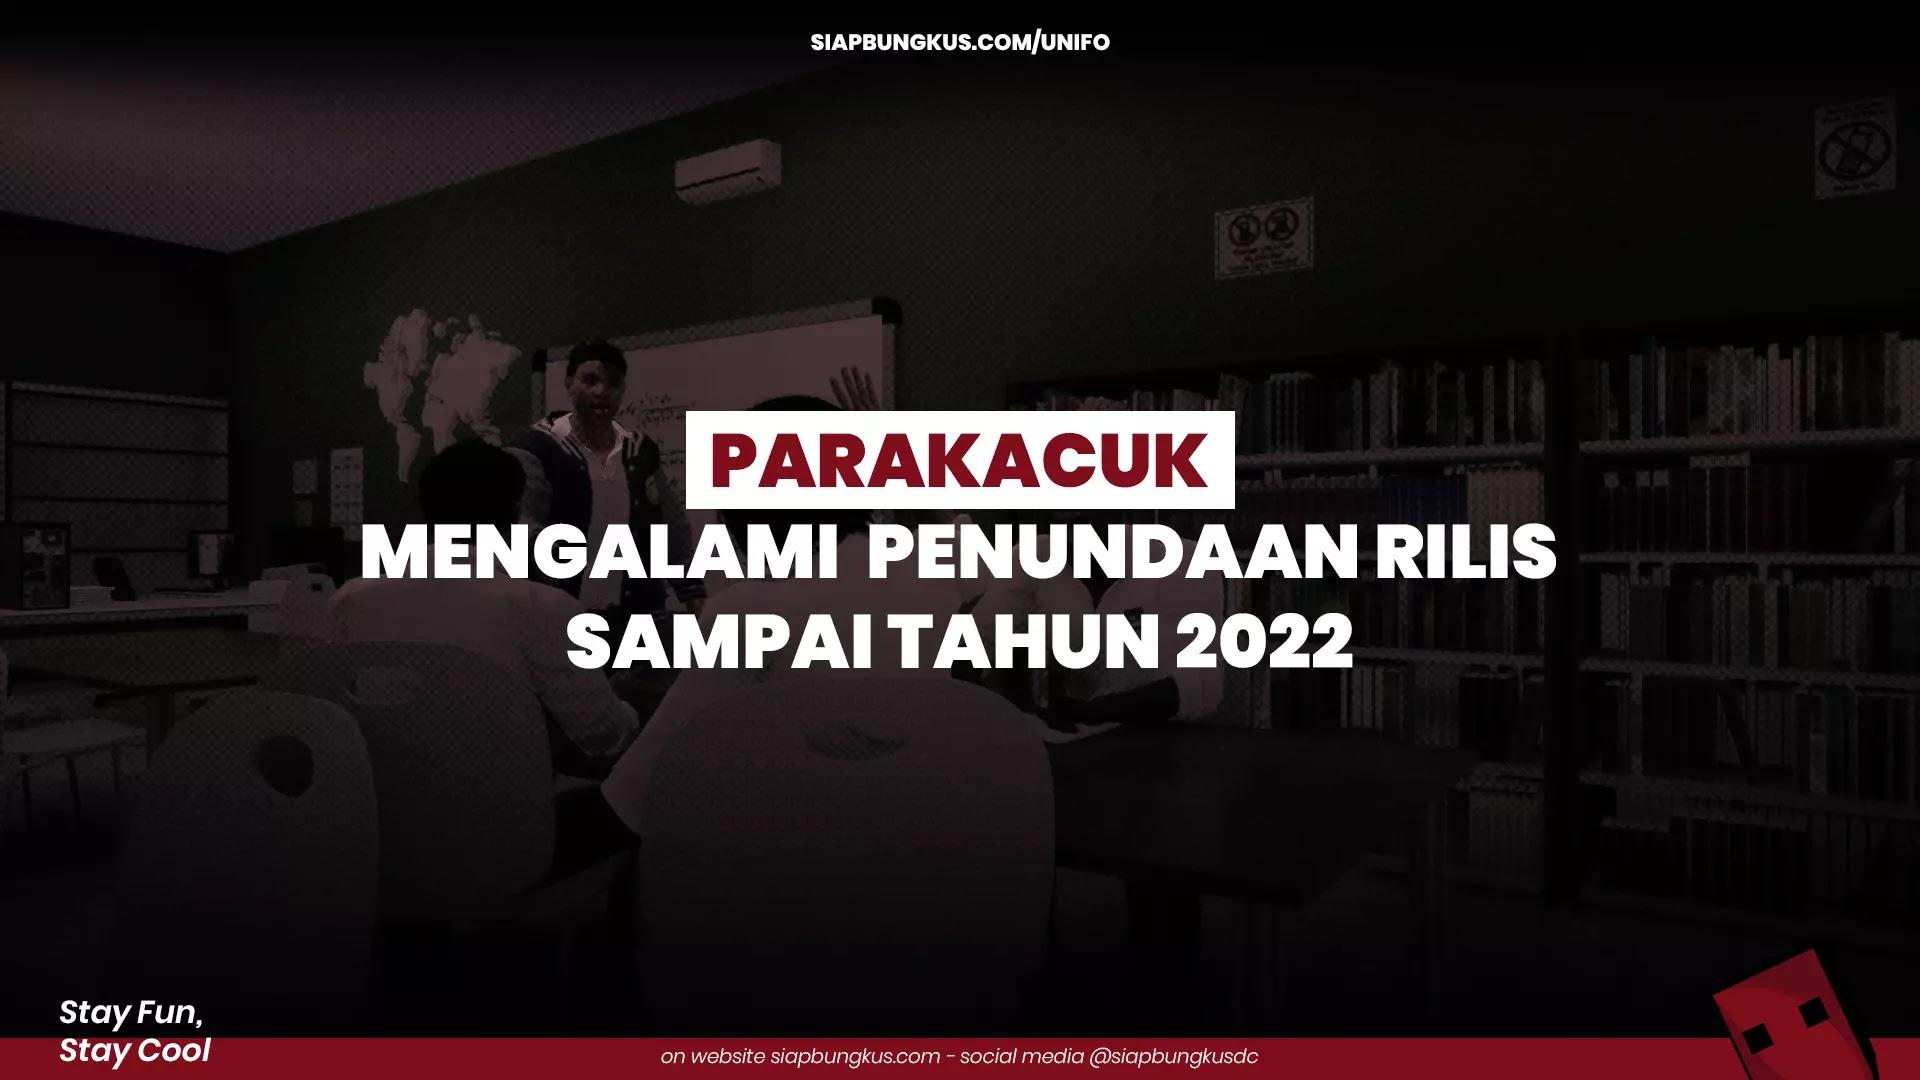 Parakacuk Mengalami Penundaan Rilis Sampai Tahun 2022